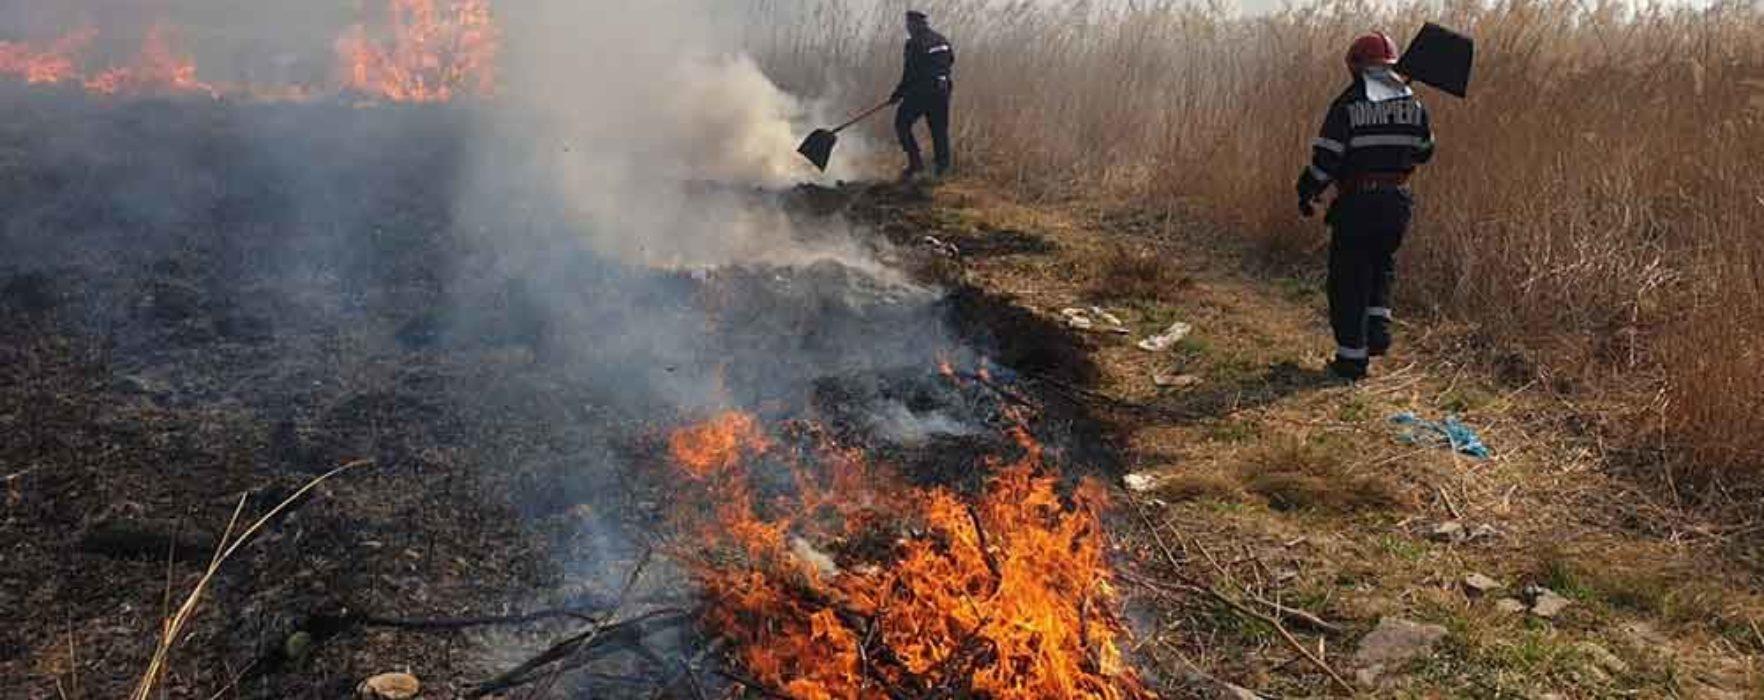 Dâmboviţa: Peste 40 de incendii de vegetaţie uscată, pompierii fac un apel să nu se mai ardă resturile vegetale